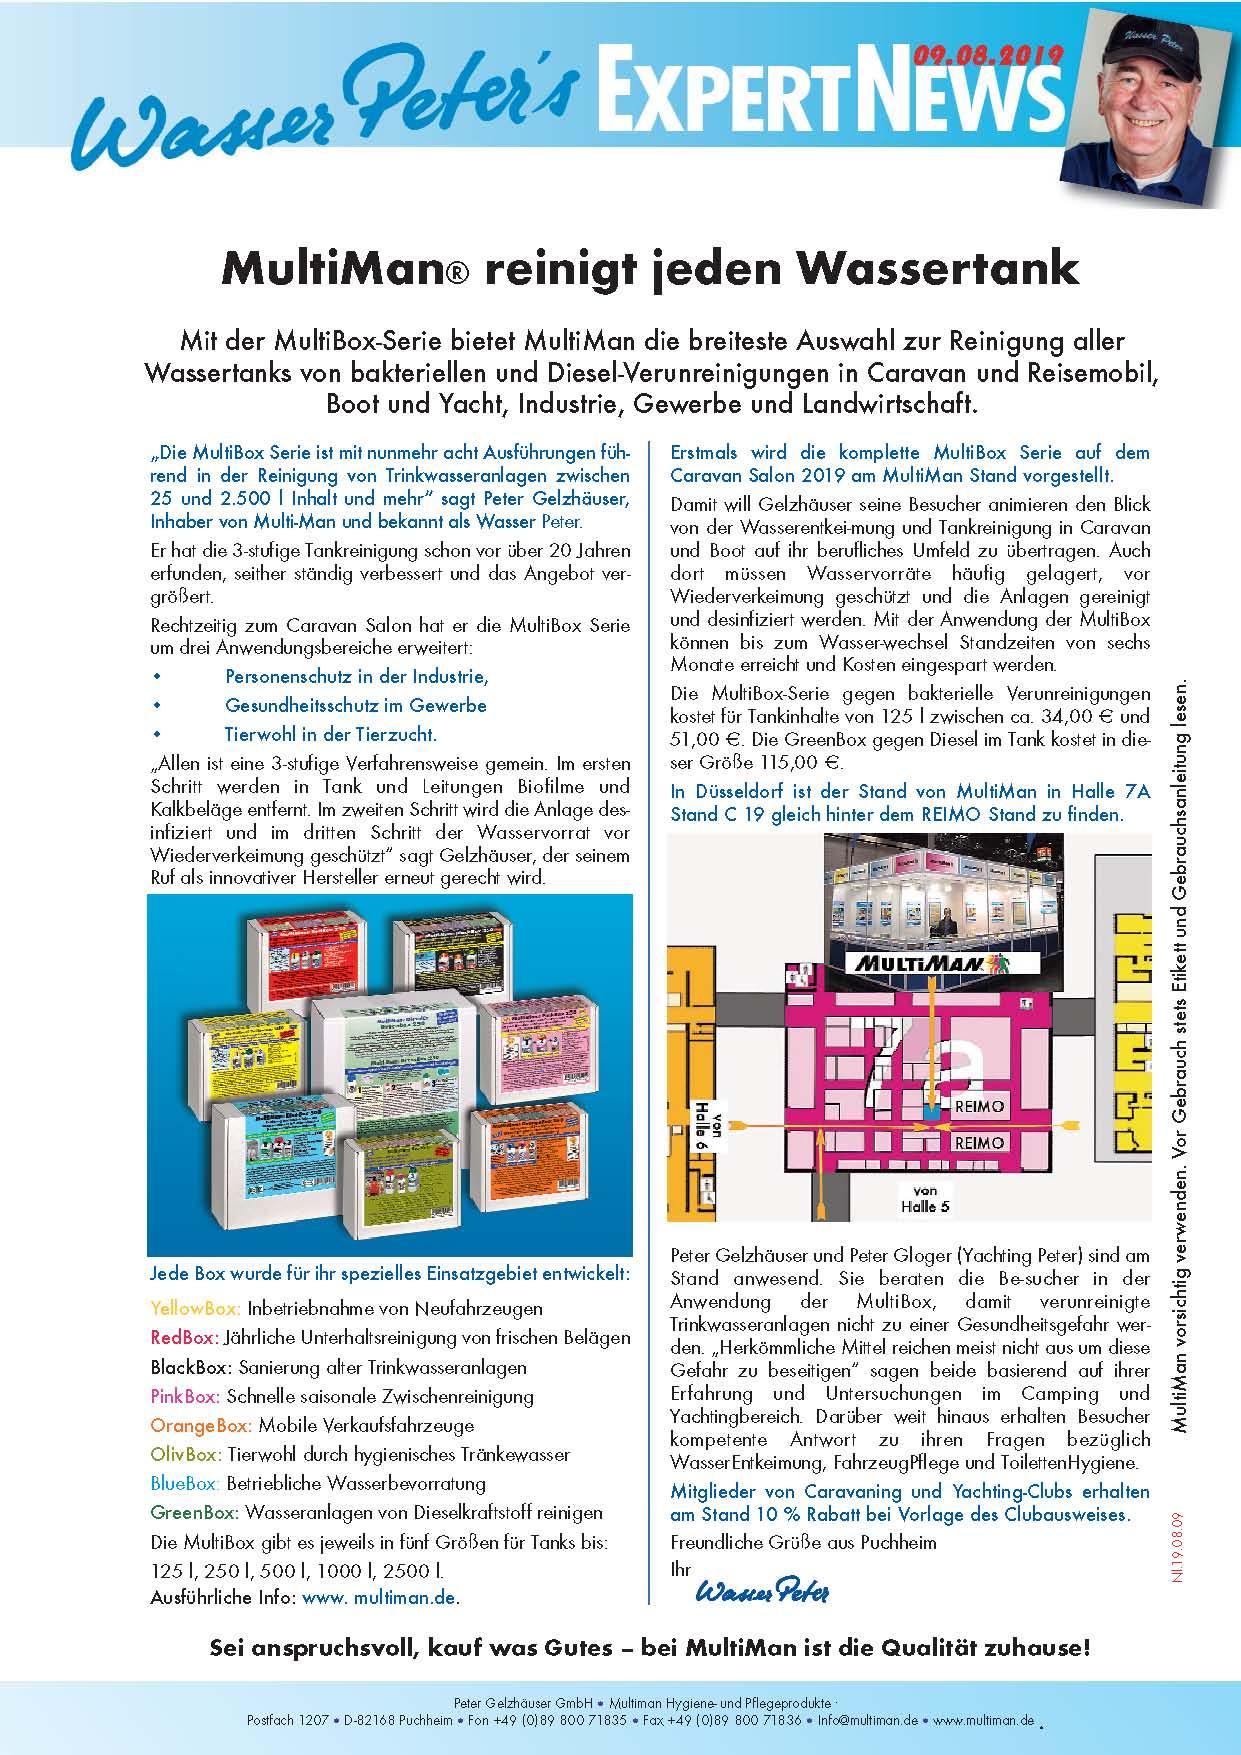 NL-19-08-09-Box-Serie_CSD_HQ_Seite_1h1QUELetqxXrT